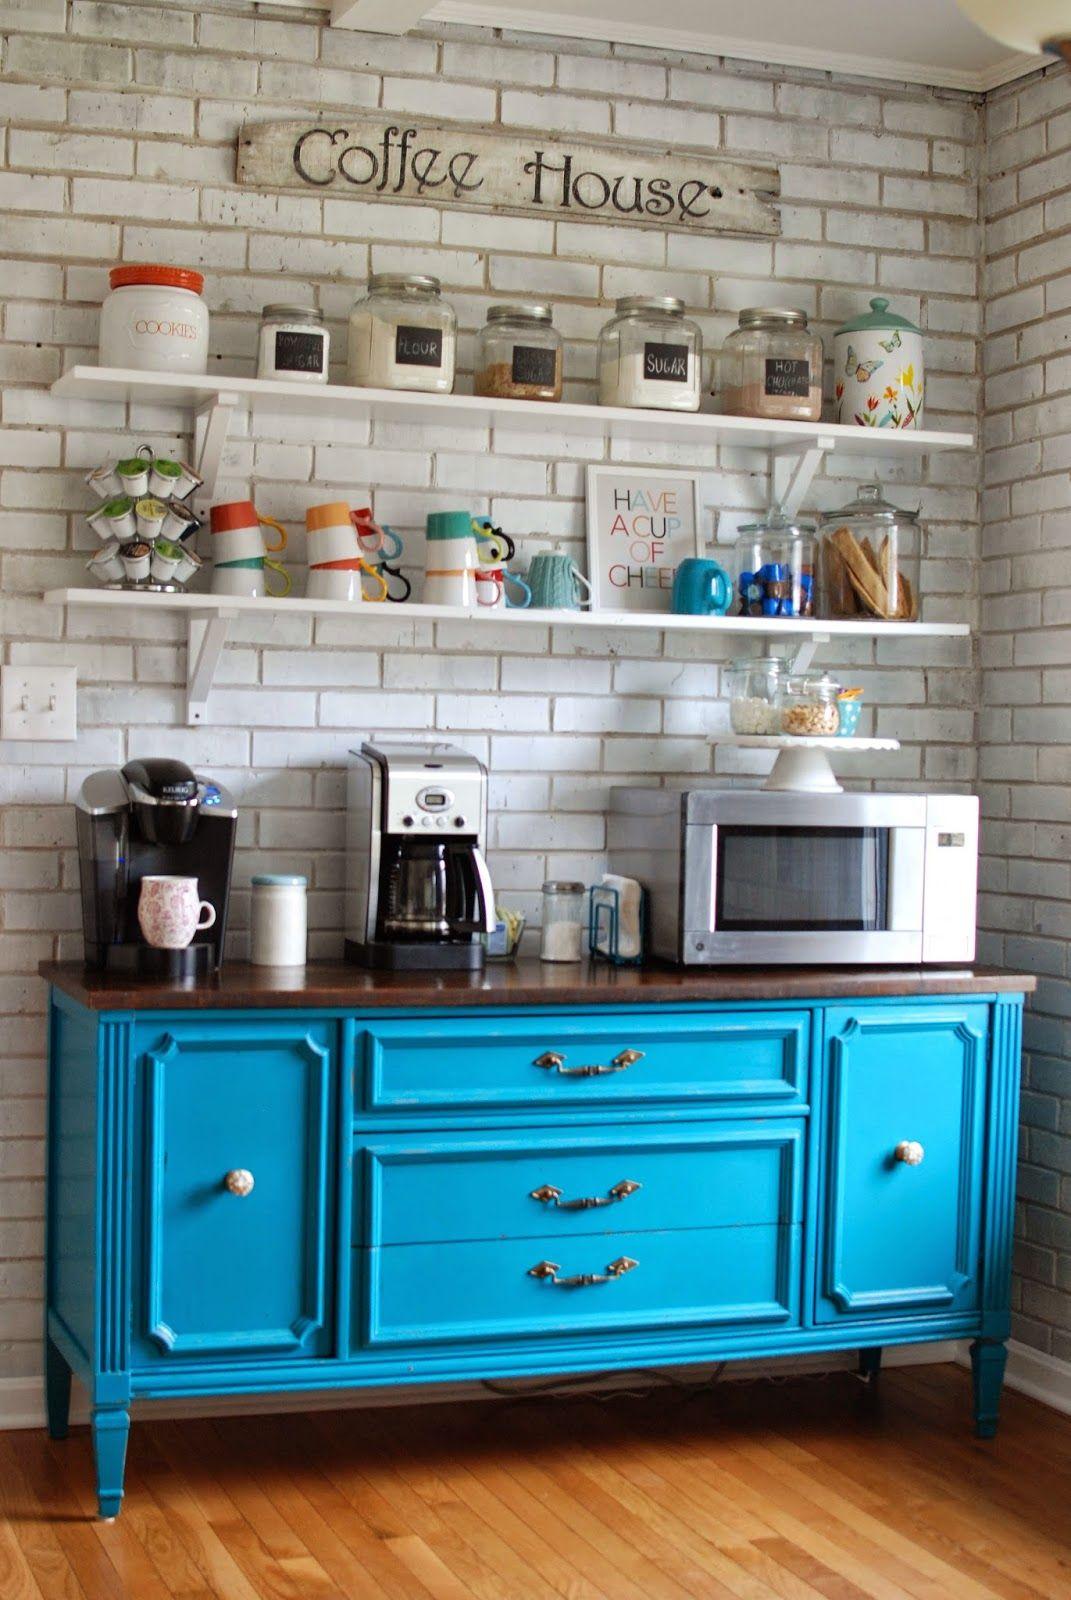 Coffee bar | kitchens | Pinterest | Turismo, Cocinas y Cafetera